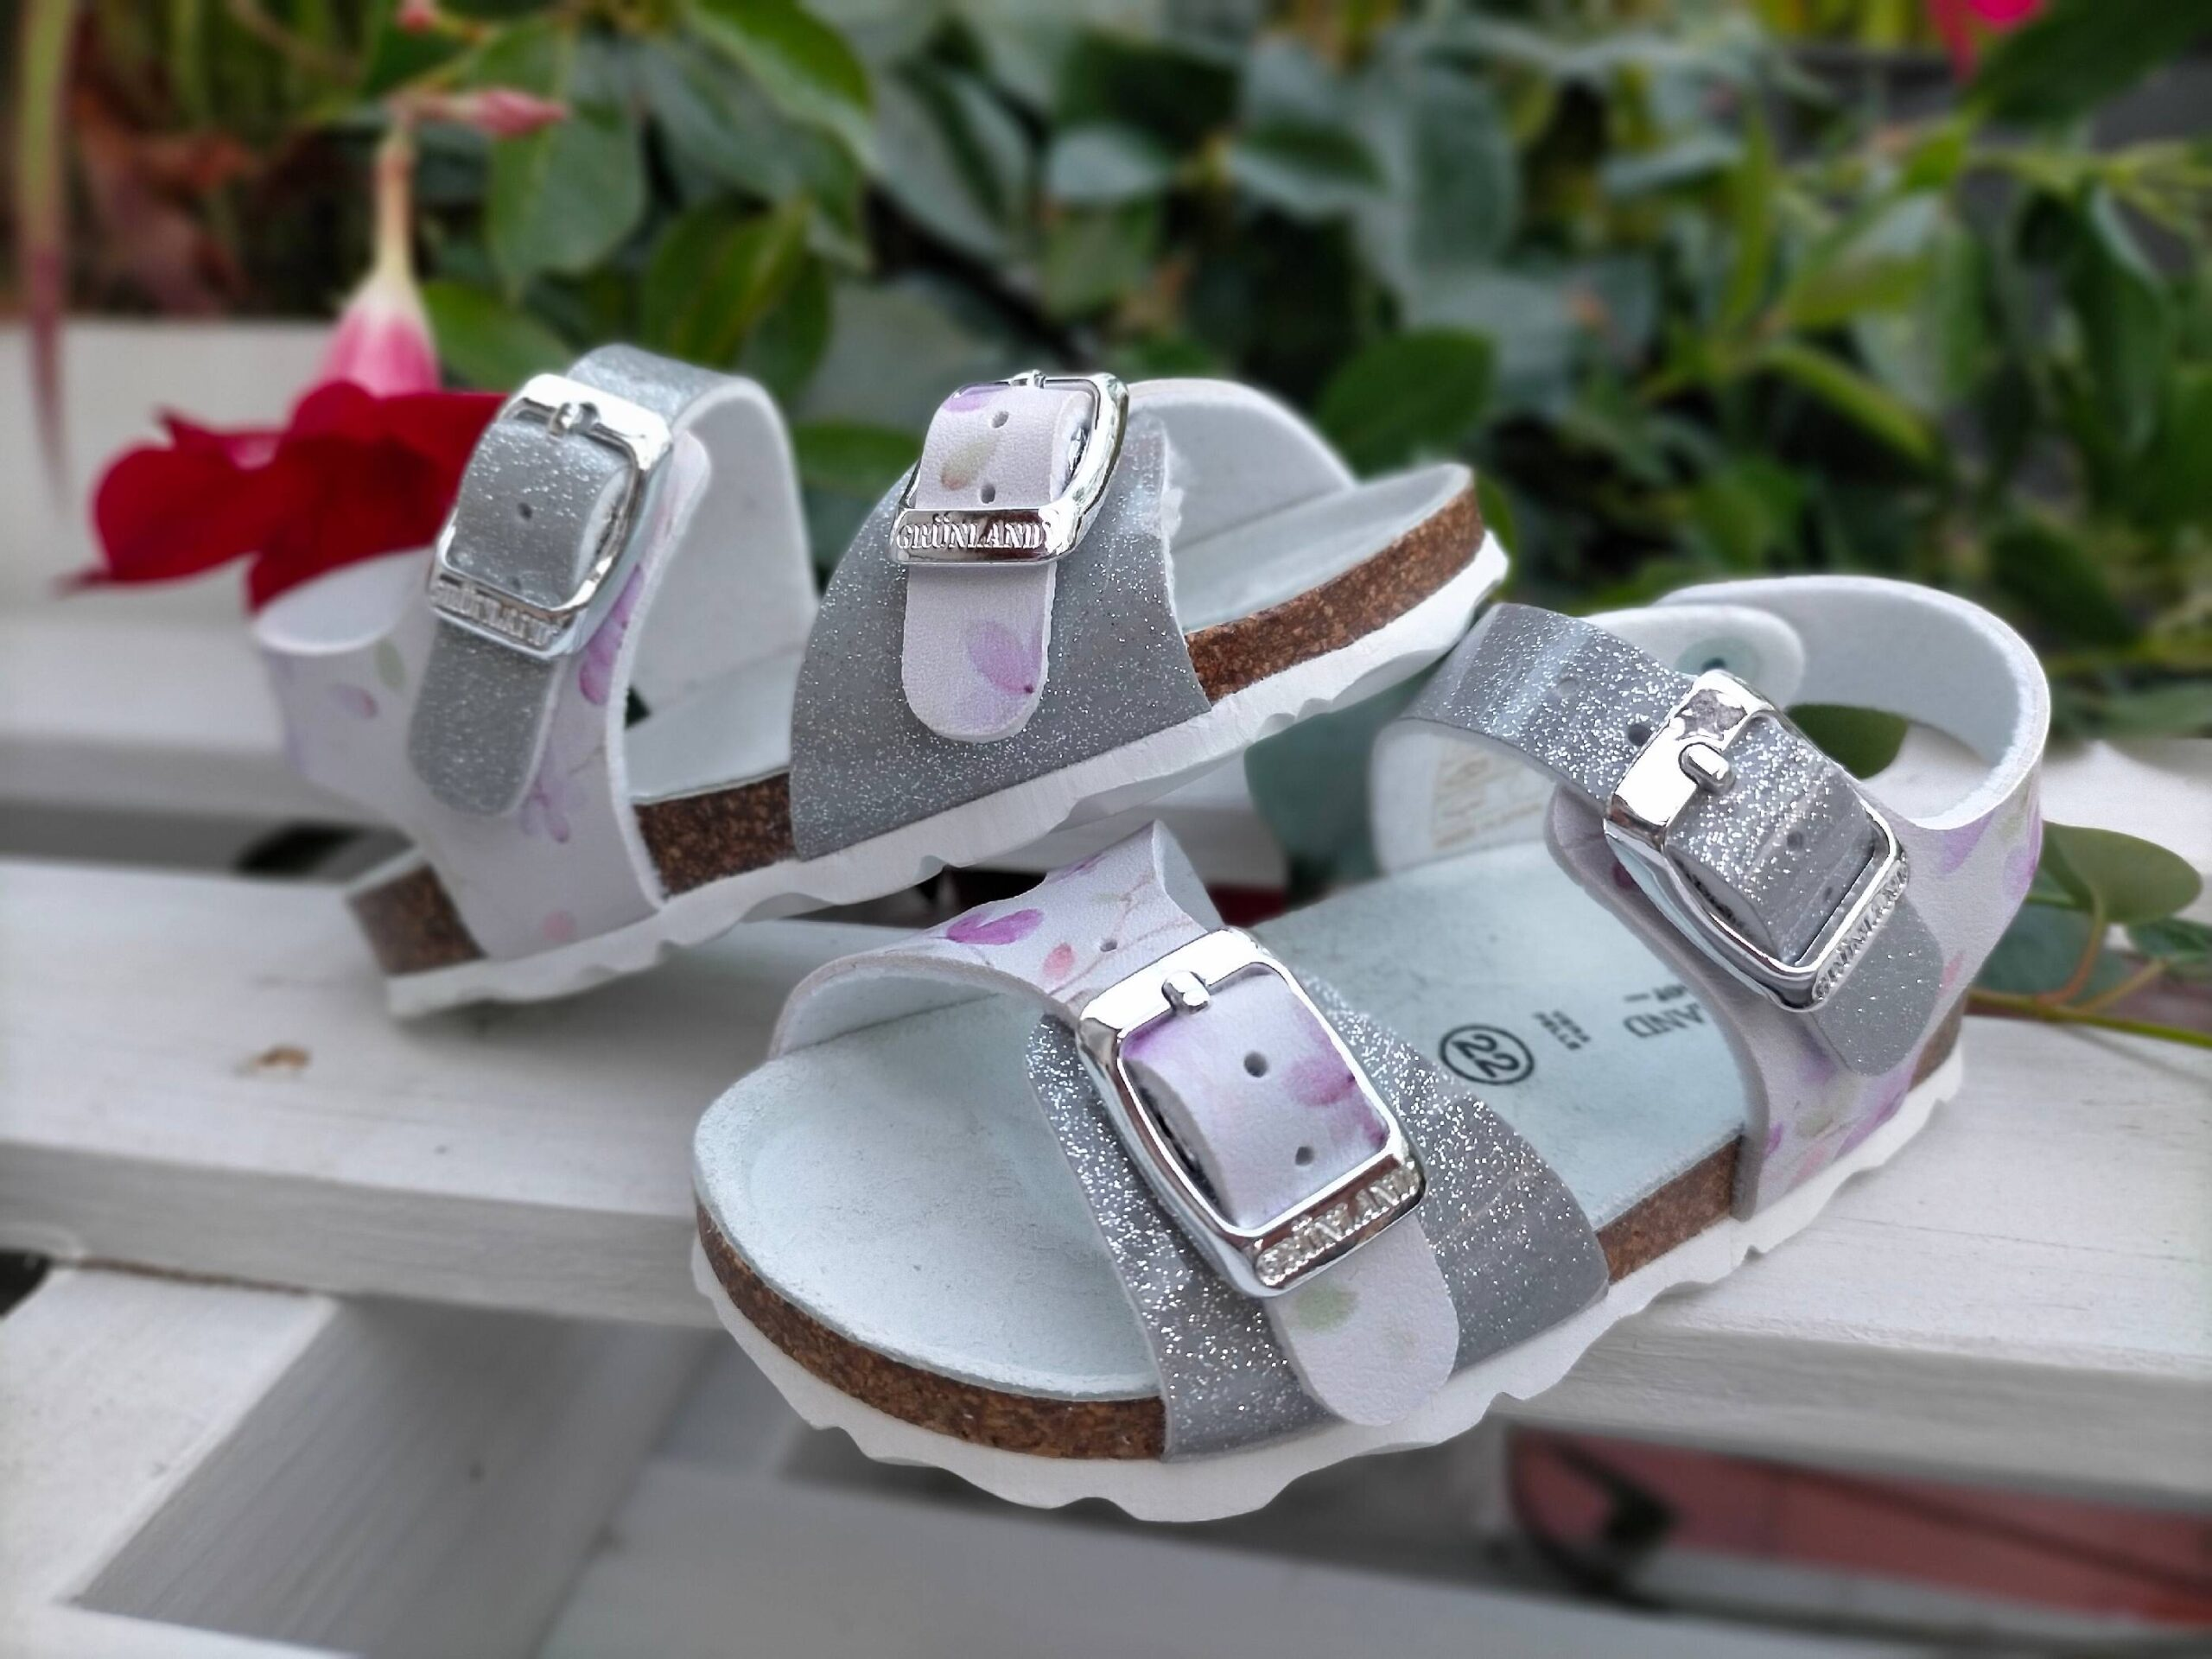 grunland aria sb1661 40 bianco argento sintetico fibbia plantare in sughero sandali estivi da bambina collezione primavera estate